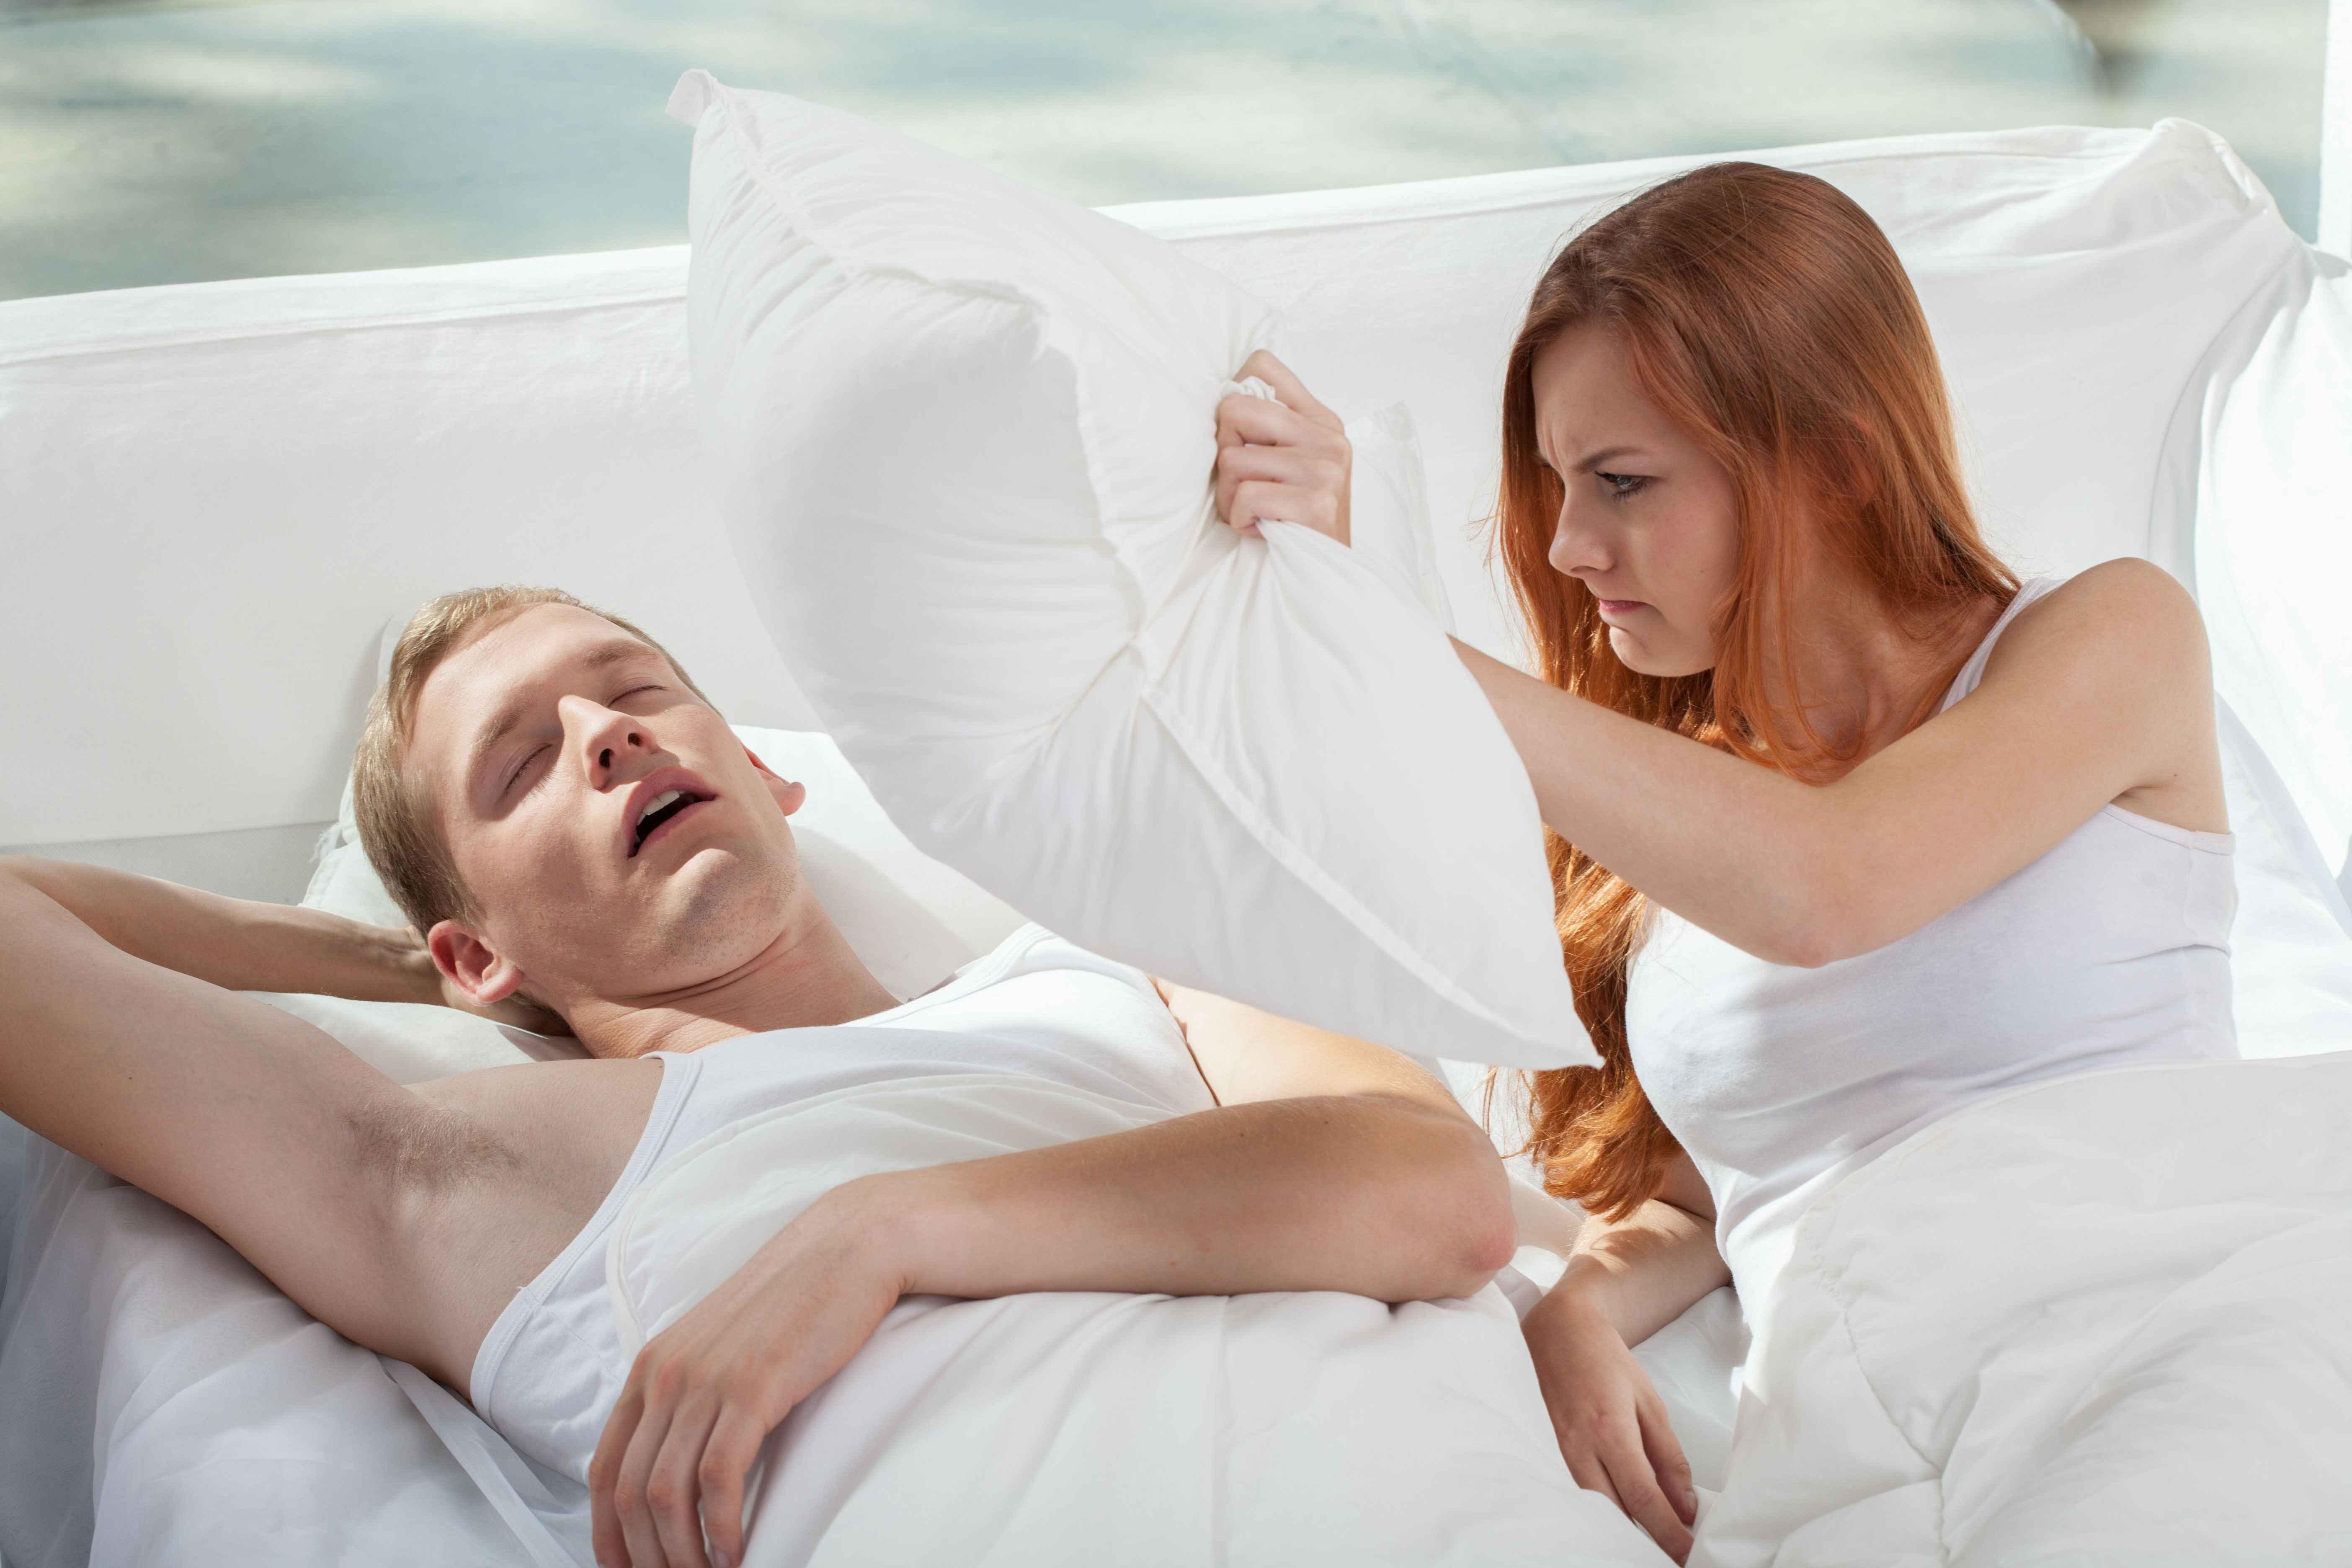 夫妻同房睡的三大好处(组图)|夫妻之间的关系|同房_凤凰亲子